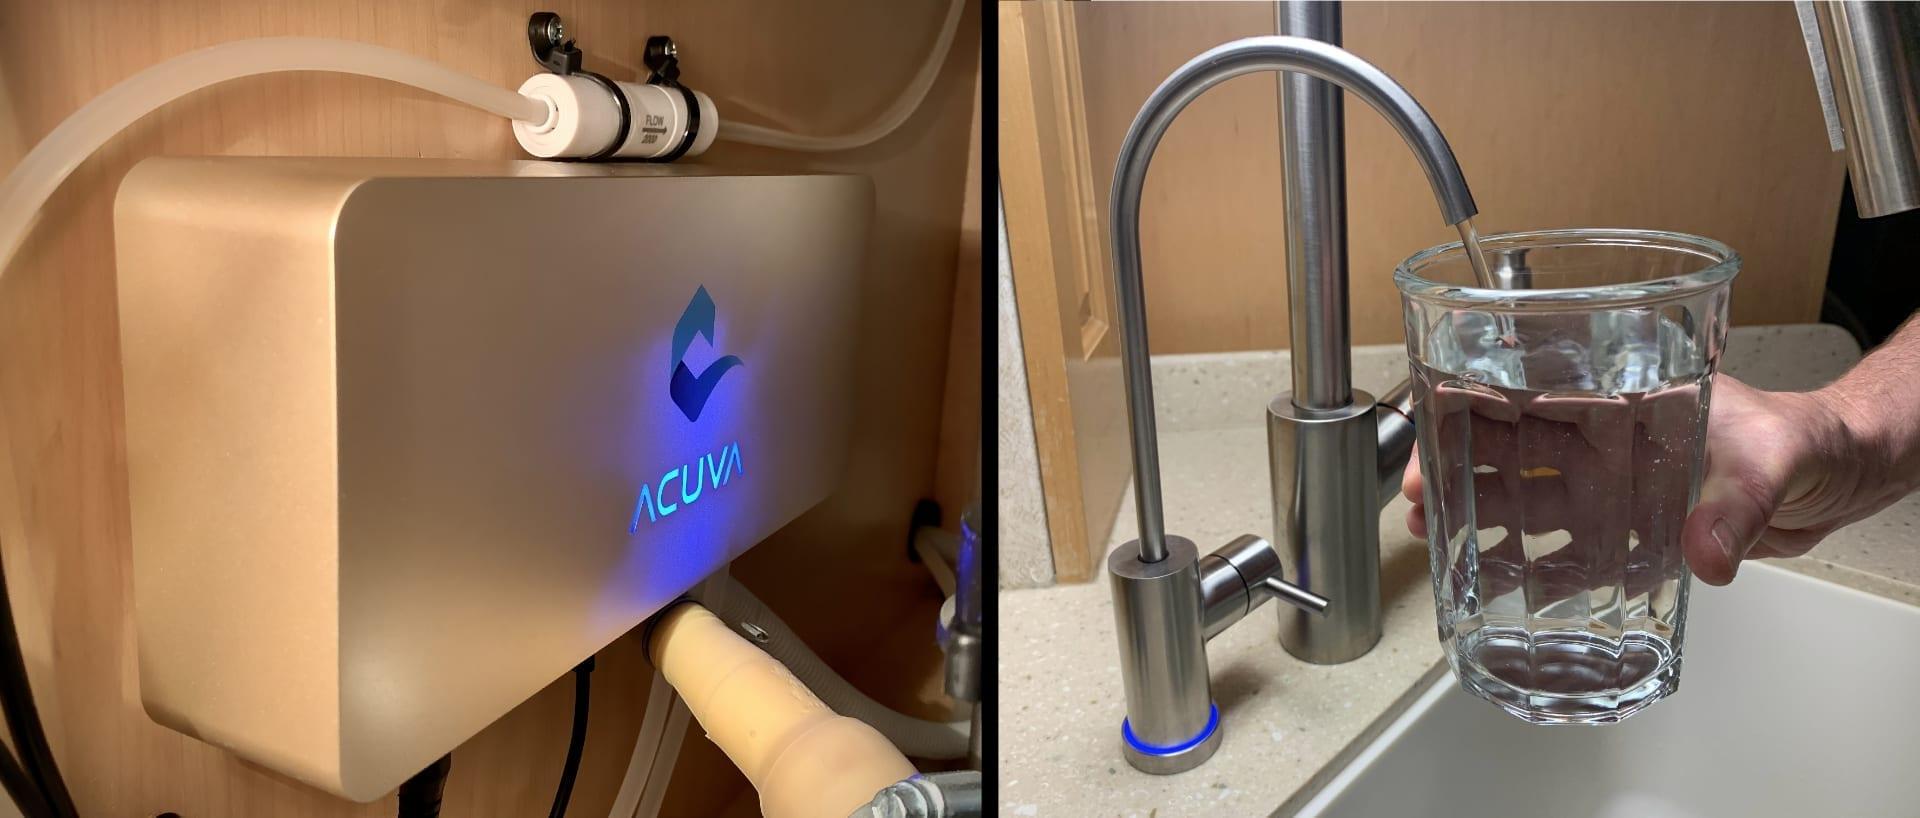 Acuva Arrow Max 2.0 UV-LED Water Purification System